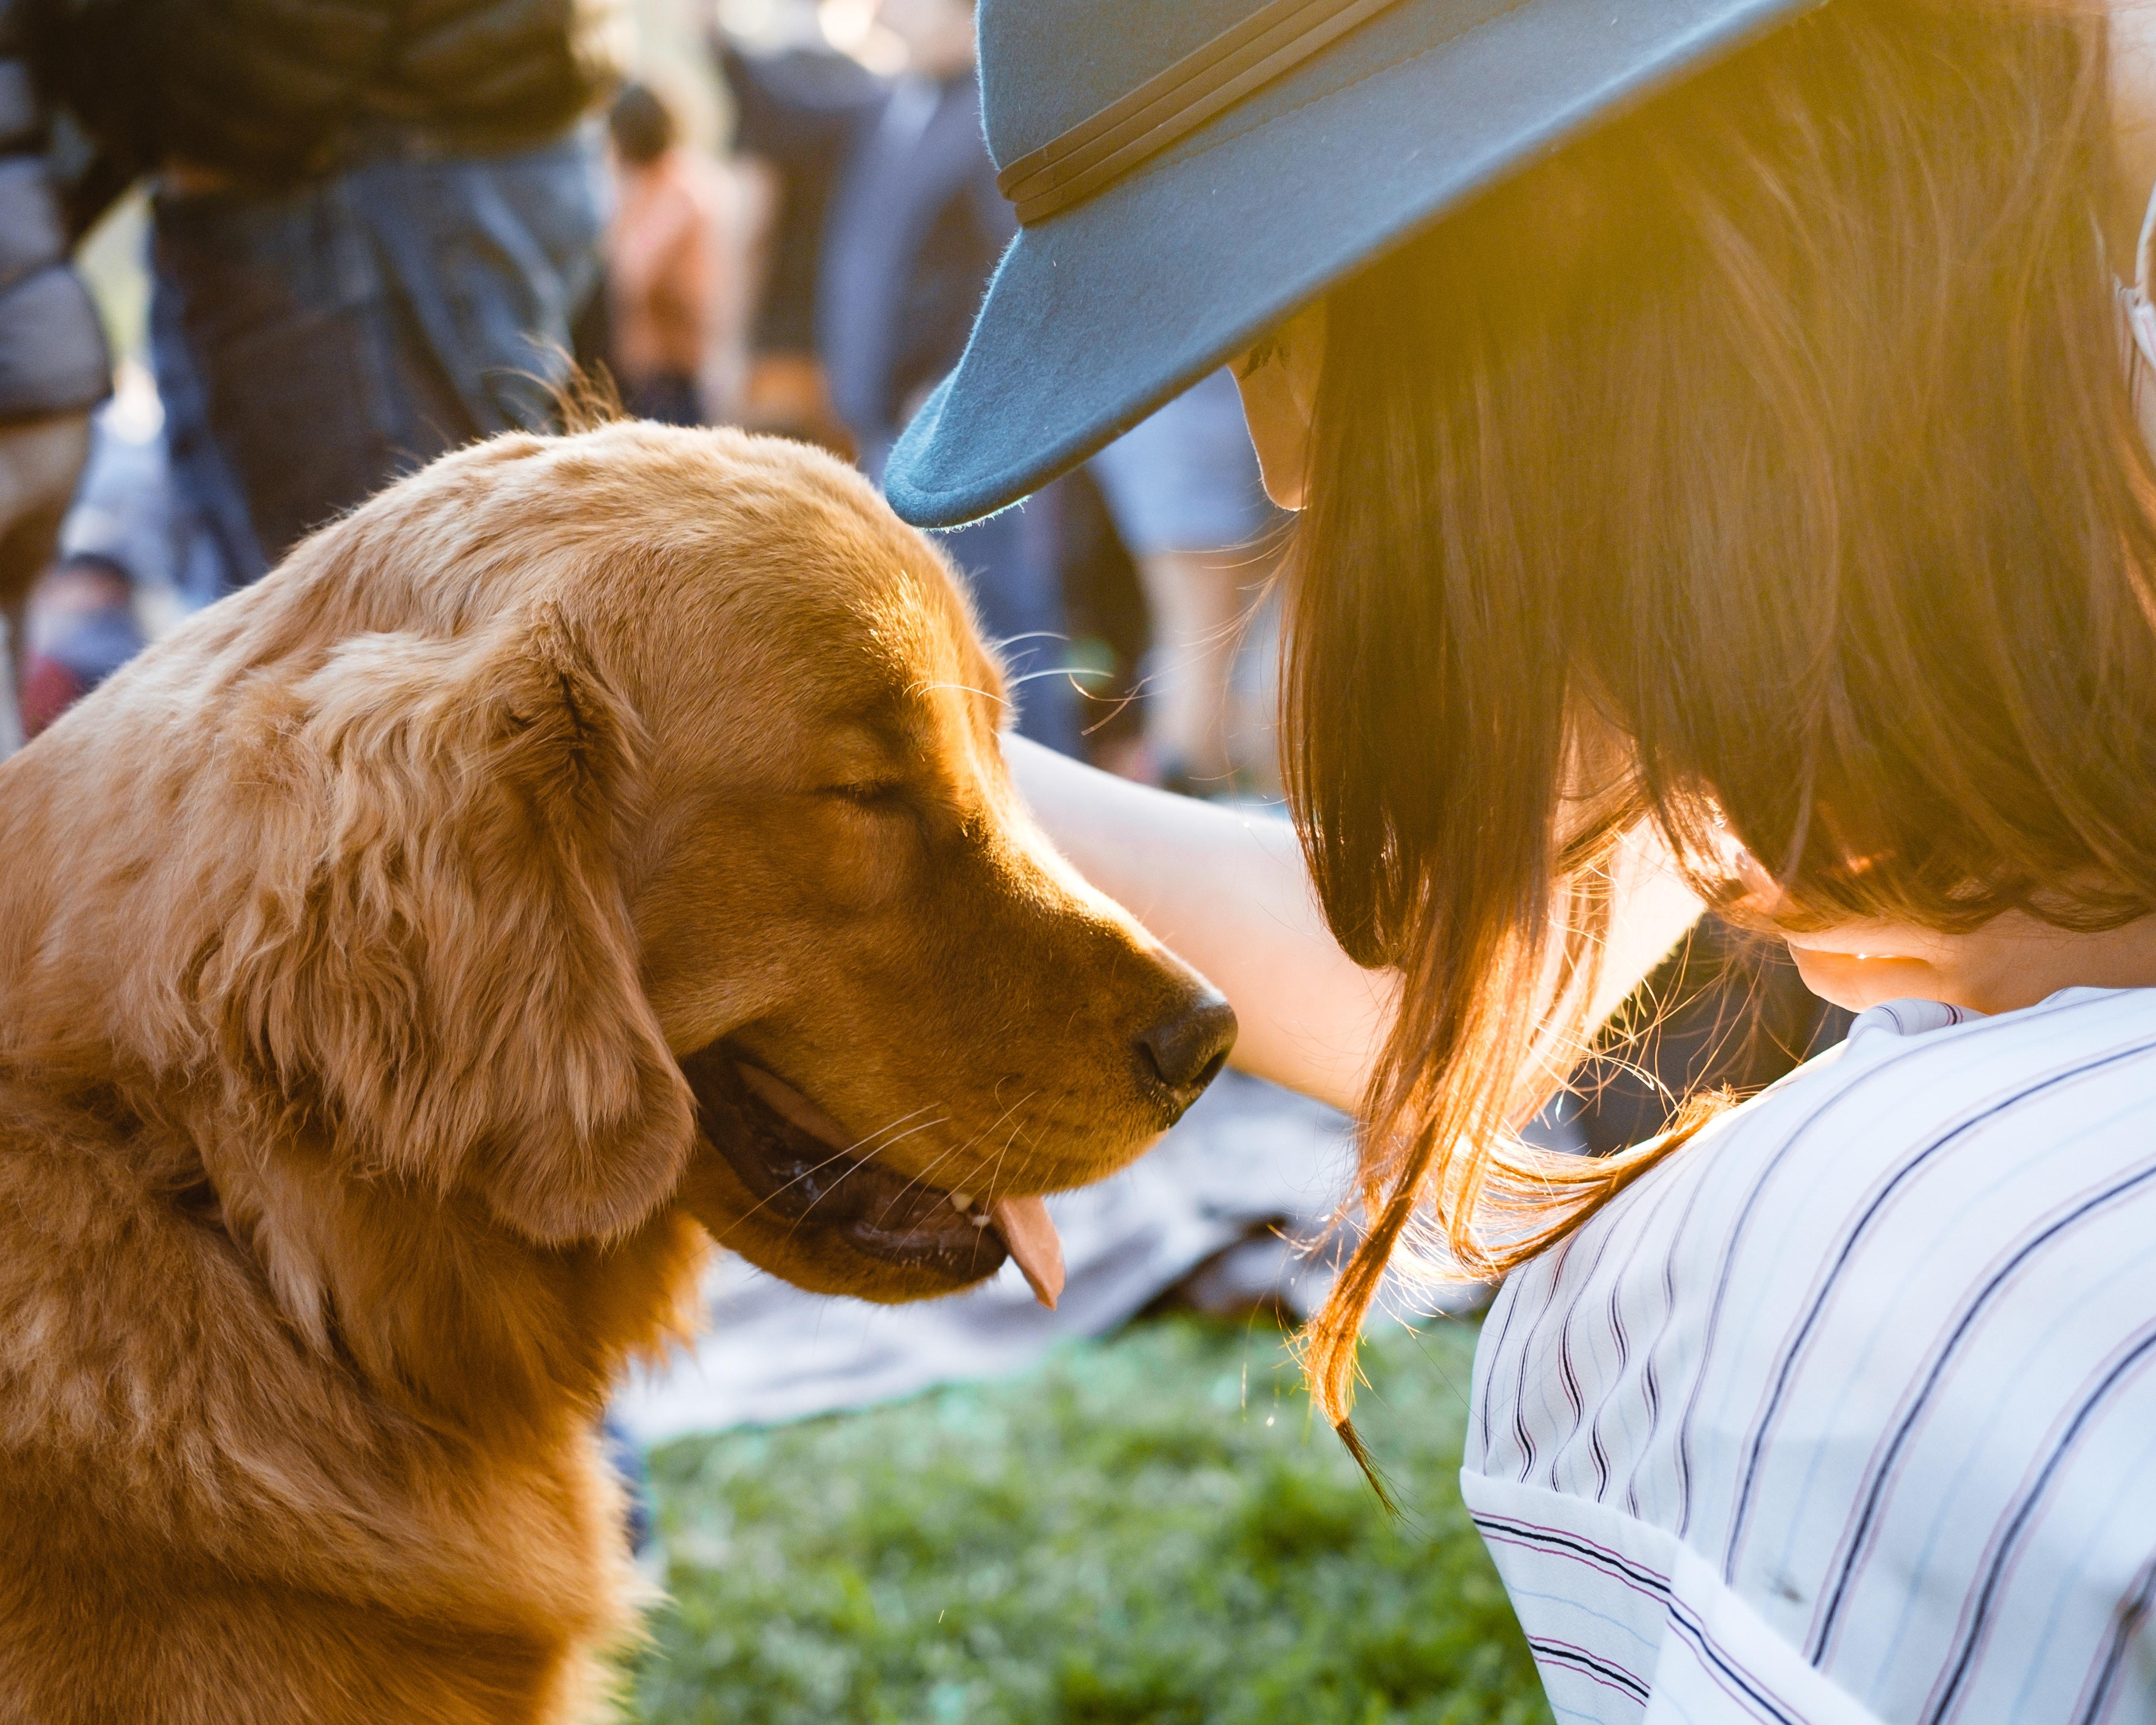 Come socializzare con un cane correttamente